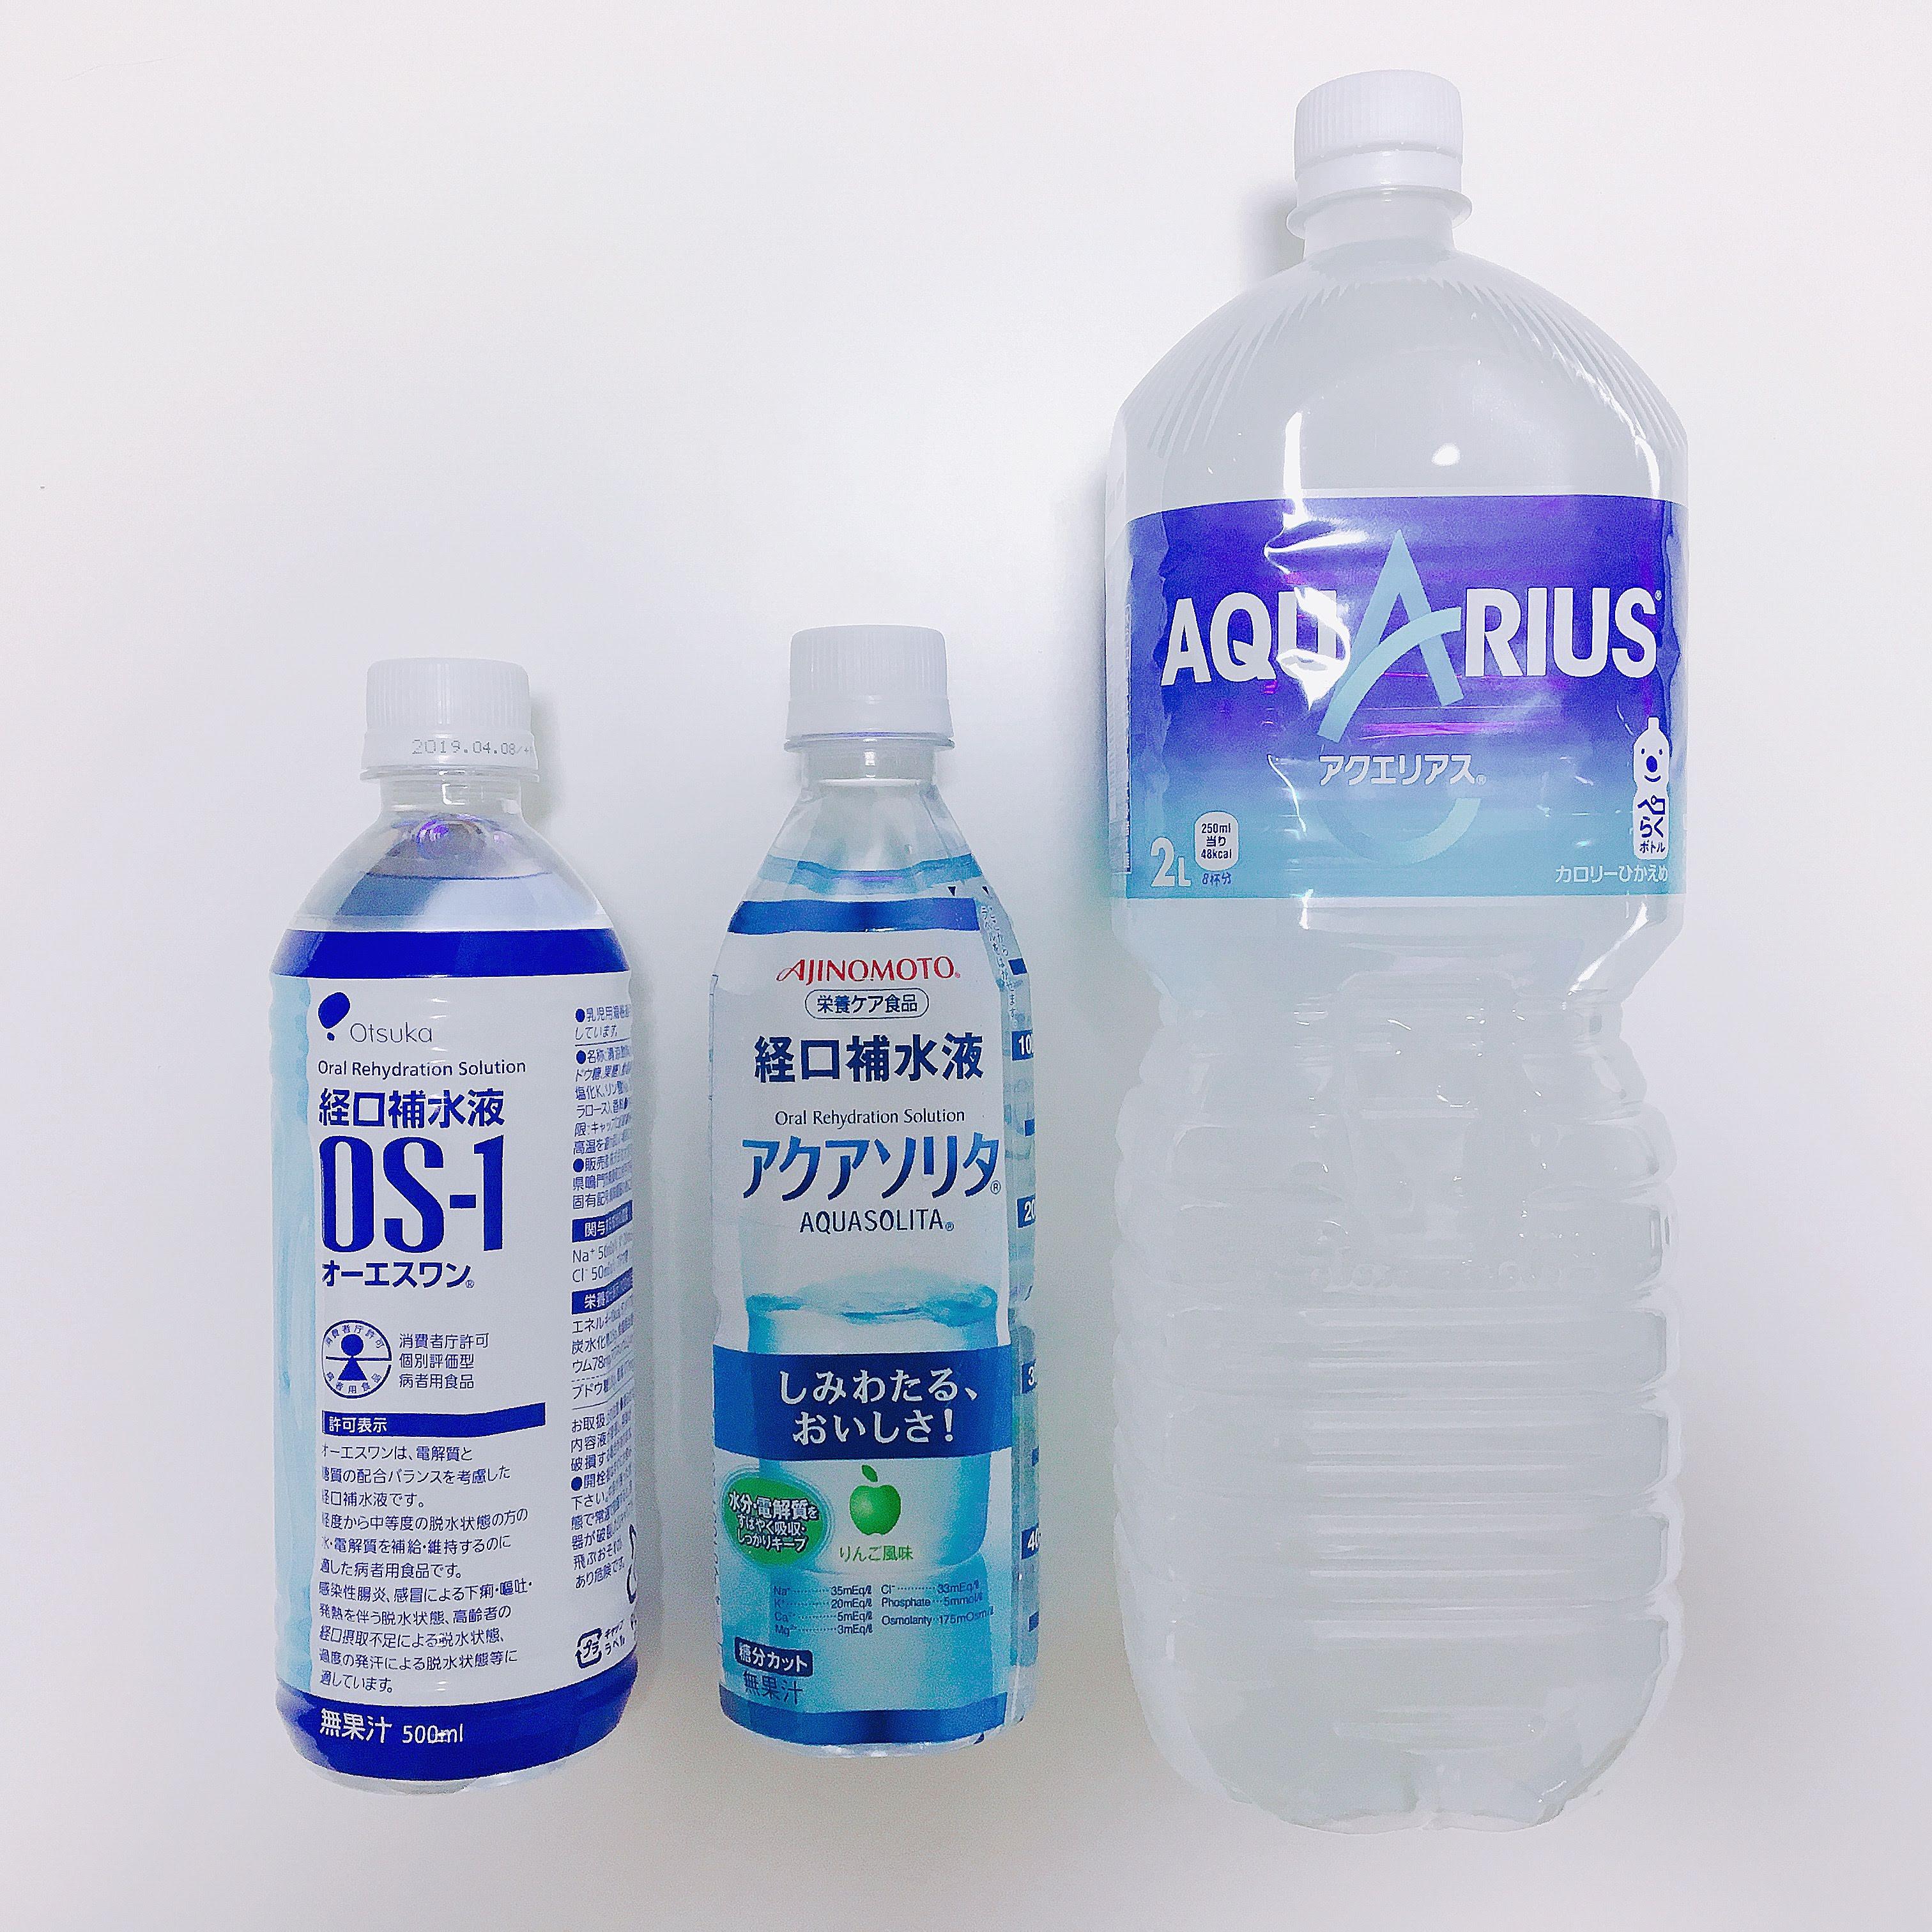 経口補水液の賢い飲み方|水・スポーツドリンクとの併用がベスト